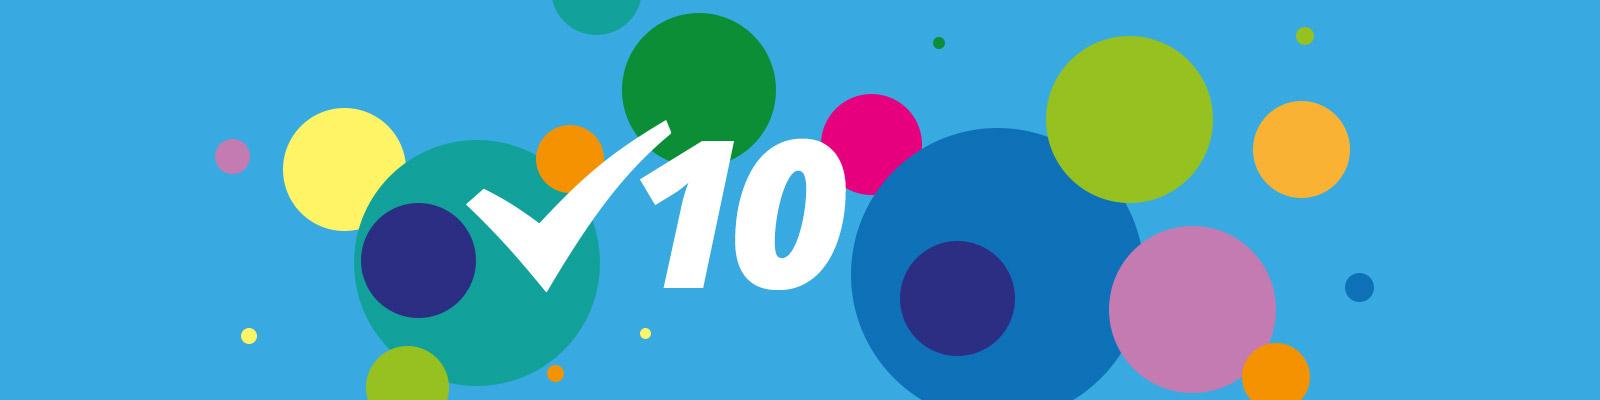 10gruende-header